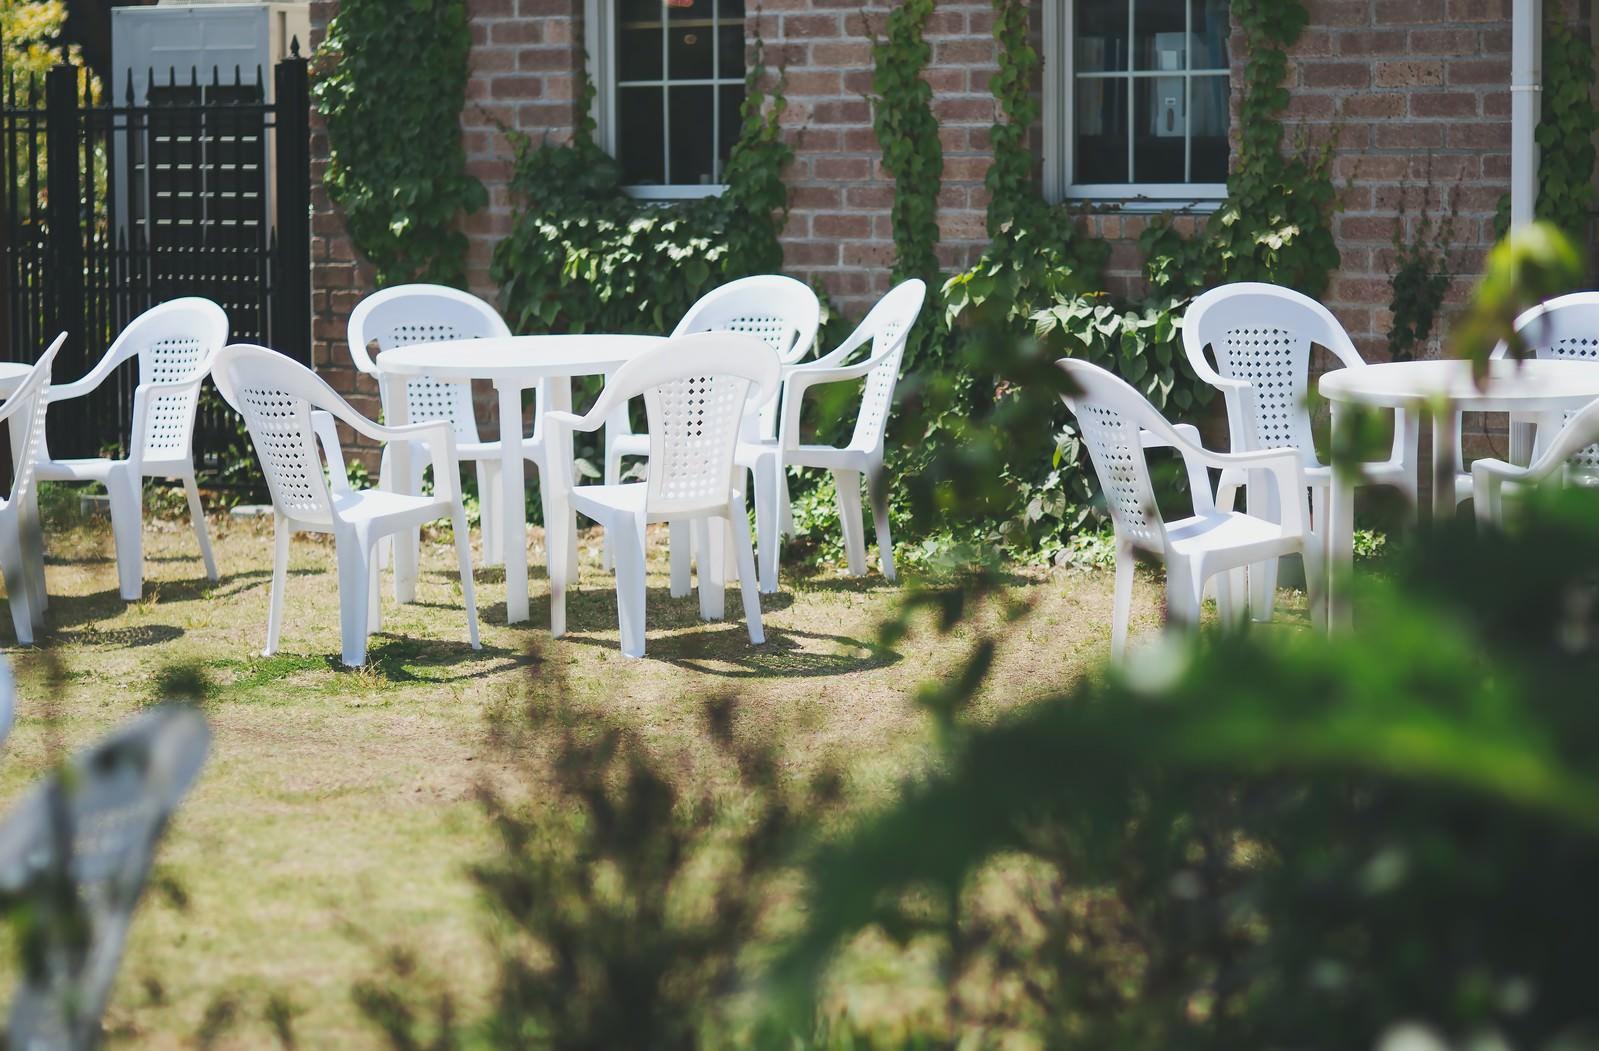 「中庭の白いベンチ中庭の白いベンチ」のフリー写真素材を拡大